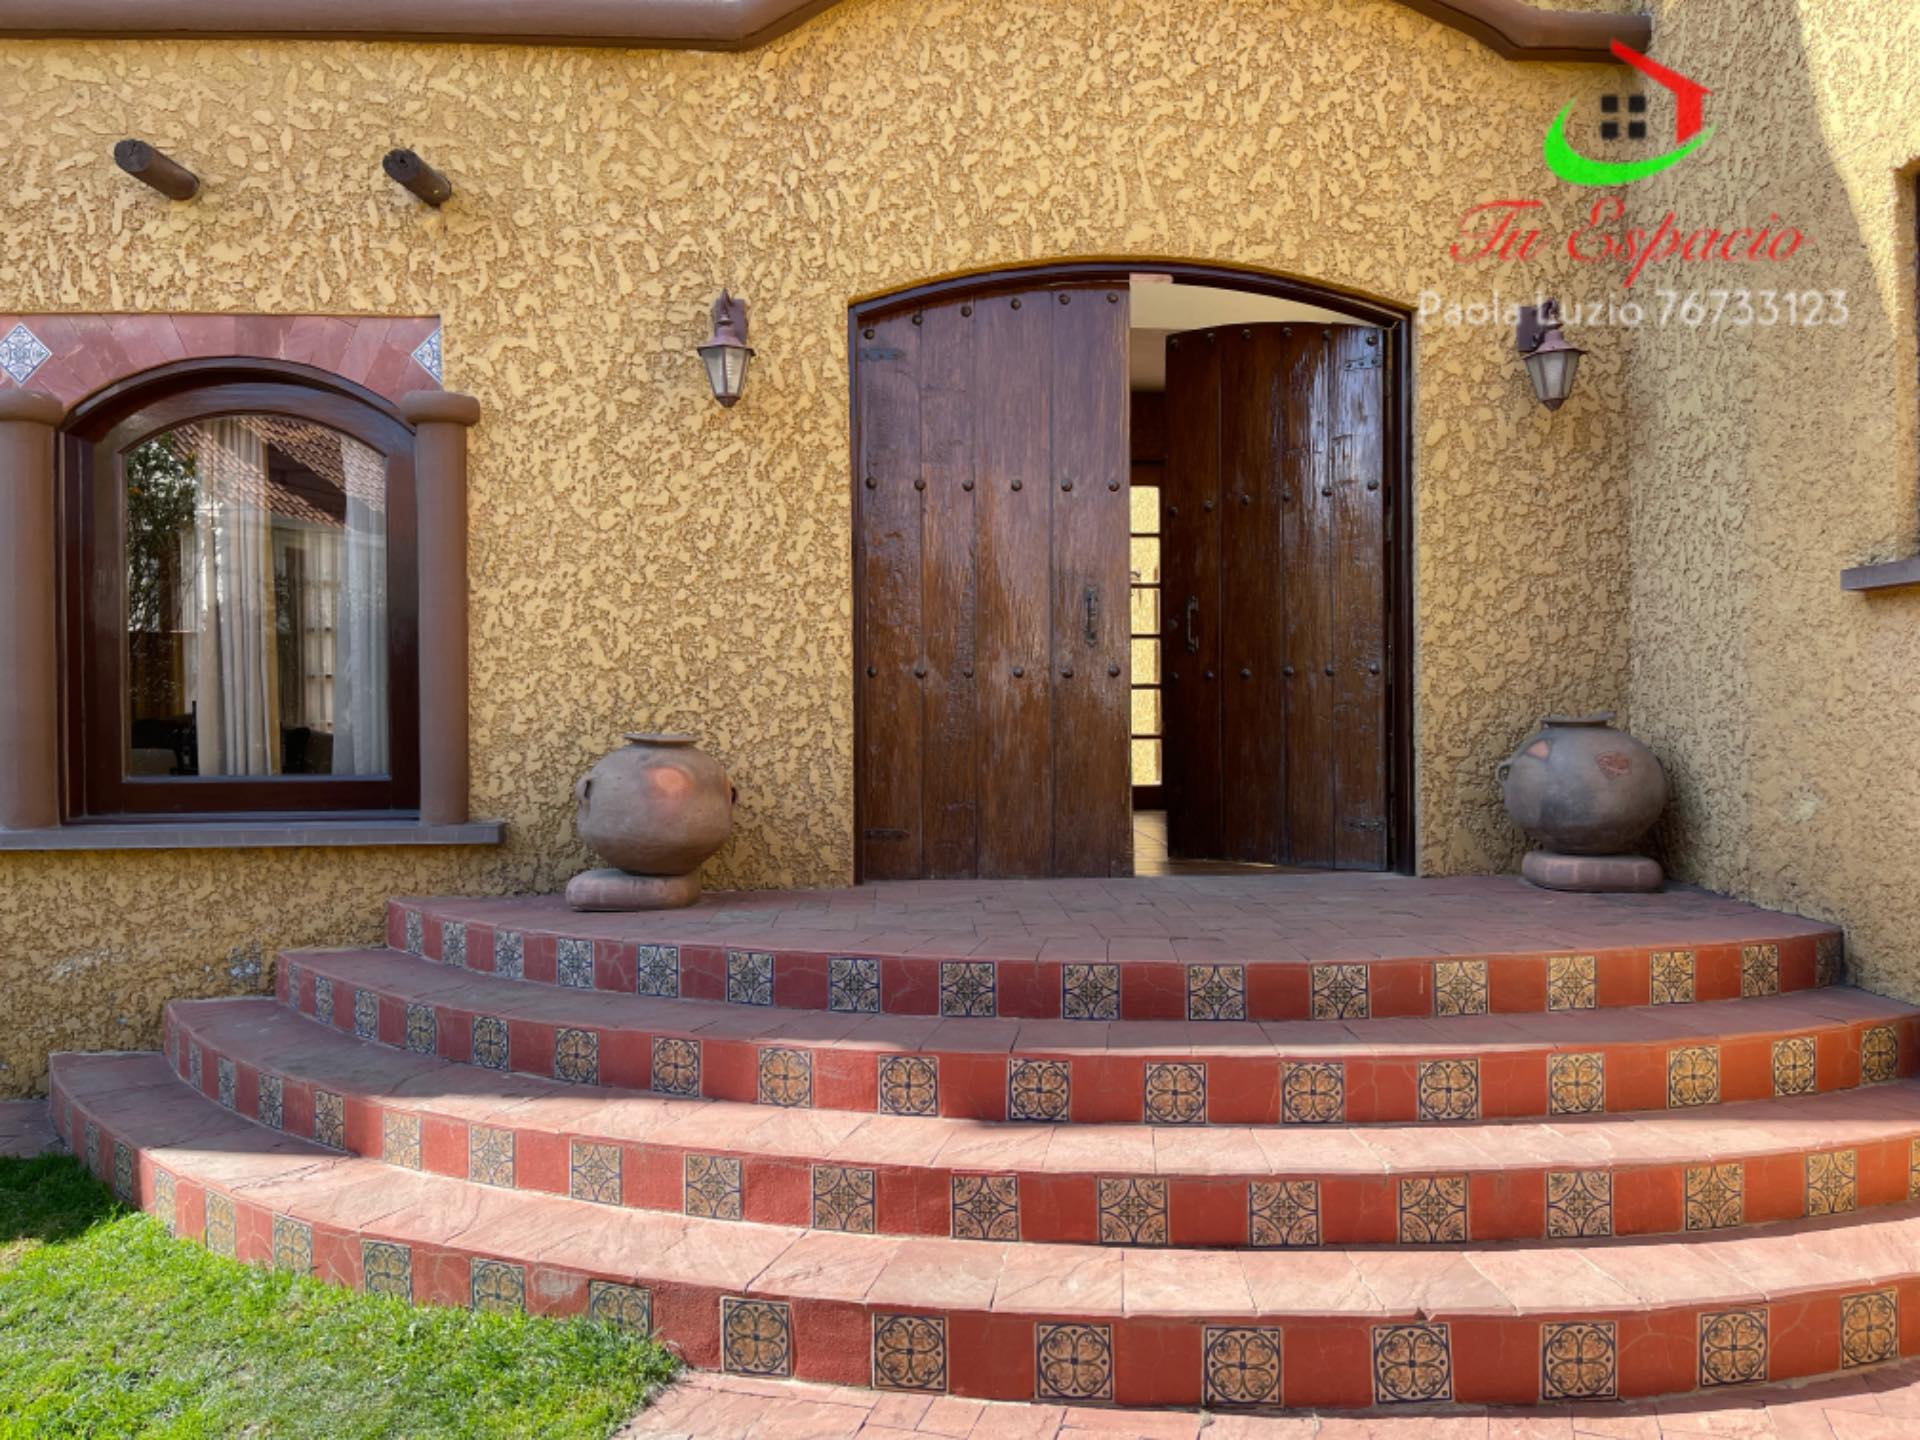 Casa en Venta Achumani Jardines del sur Foto 1